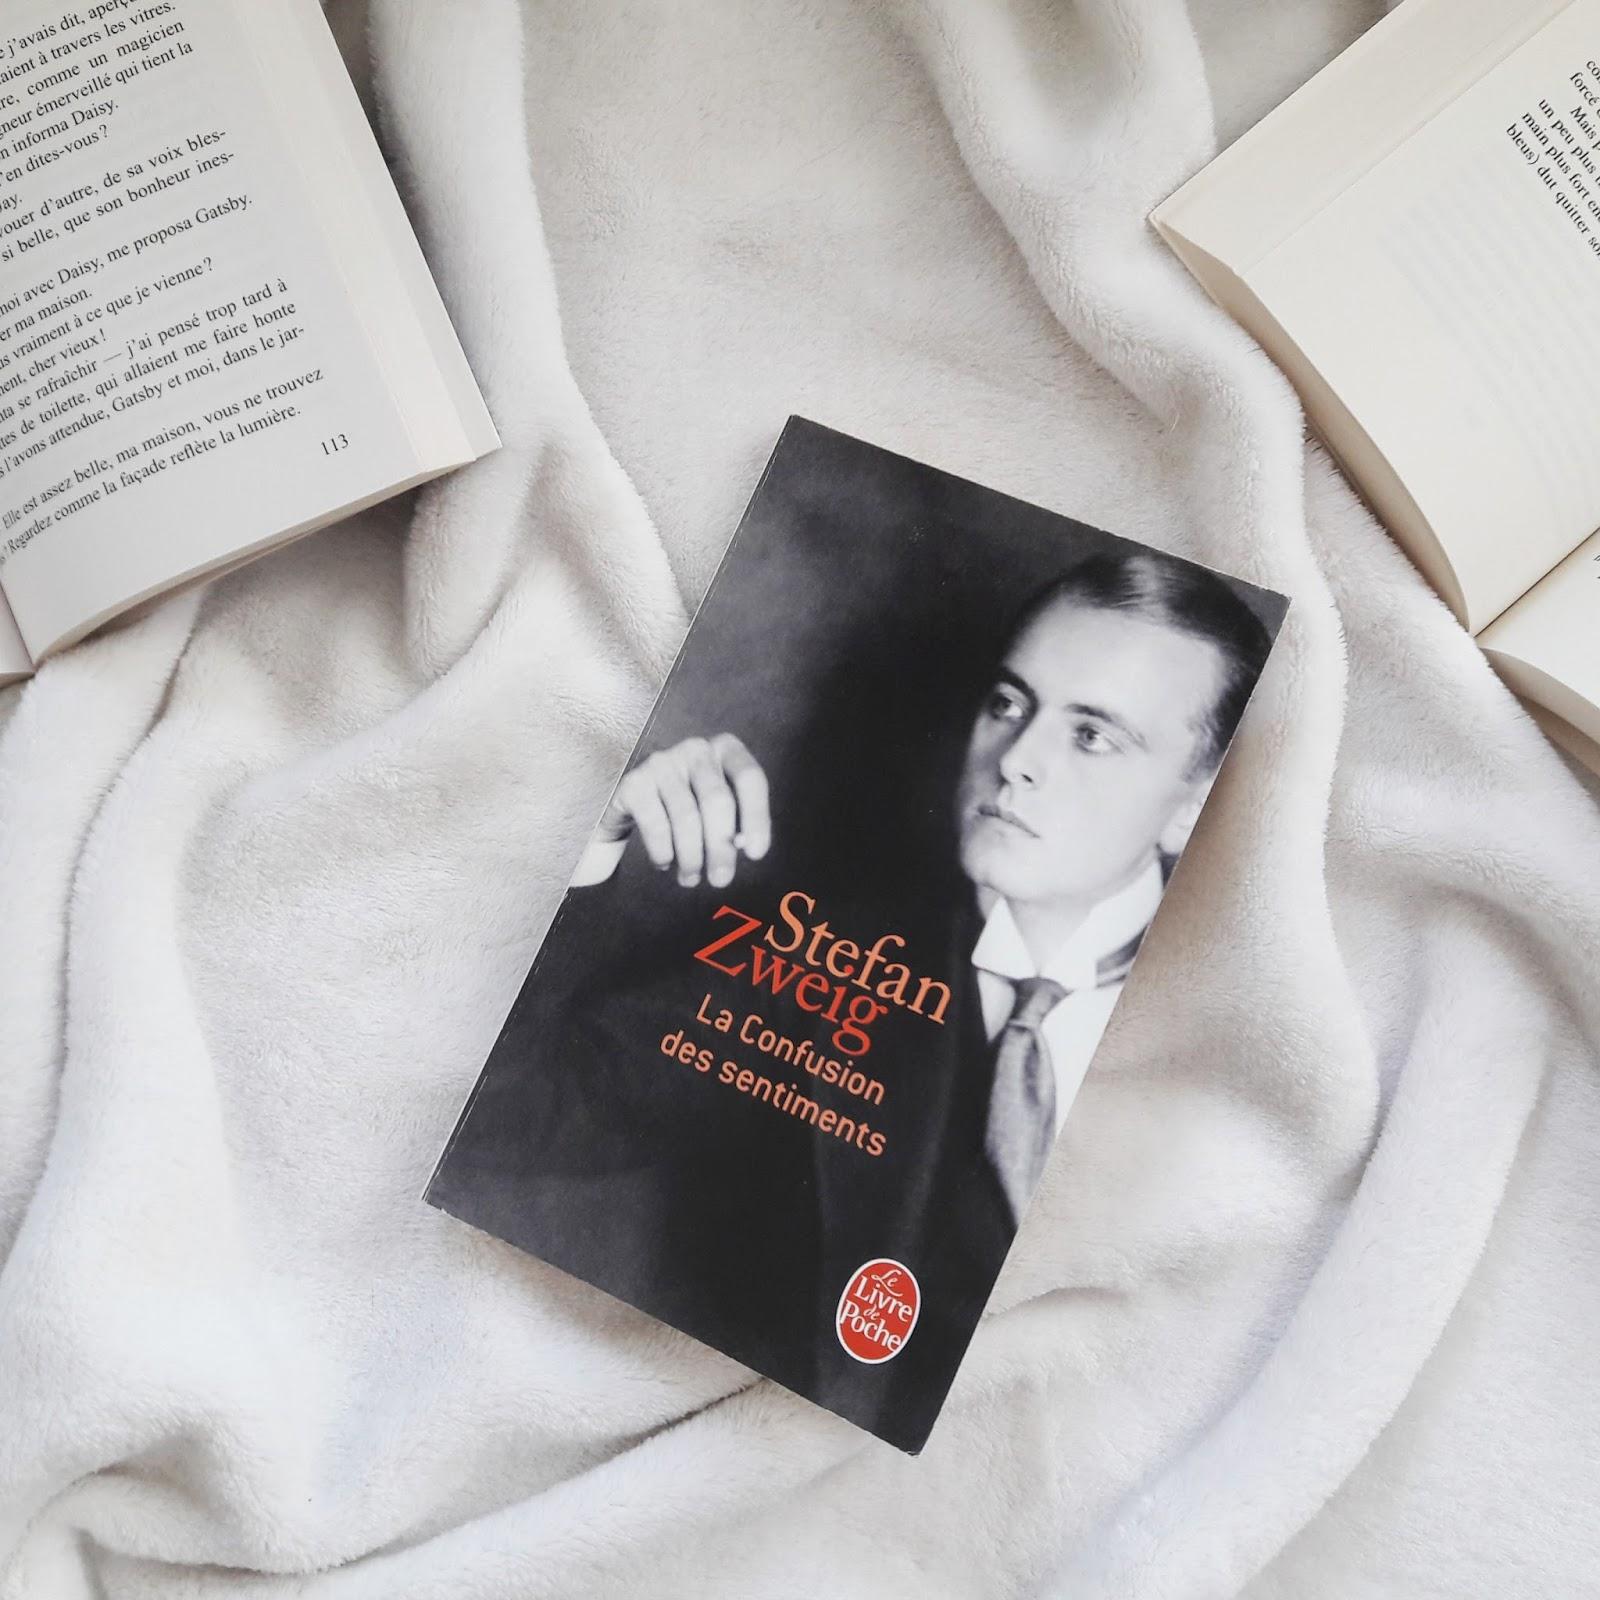 La confusion des sentiments  de Stefan Zweig